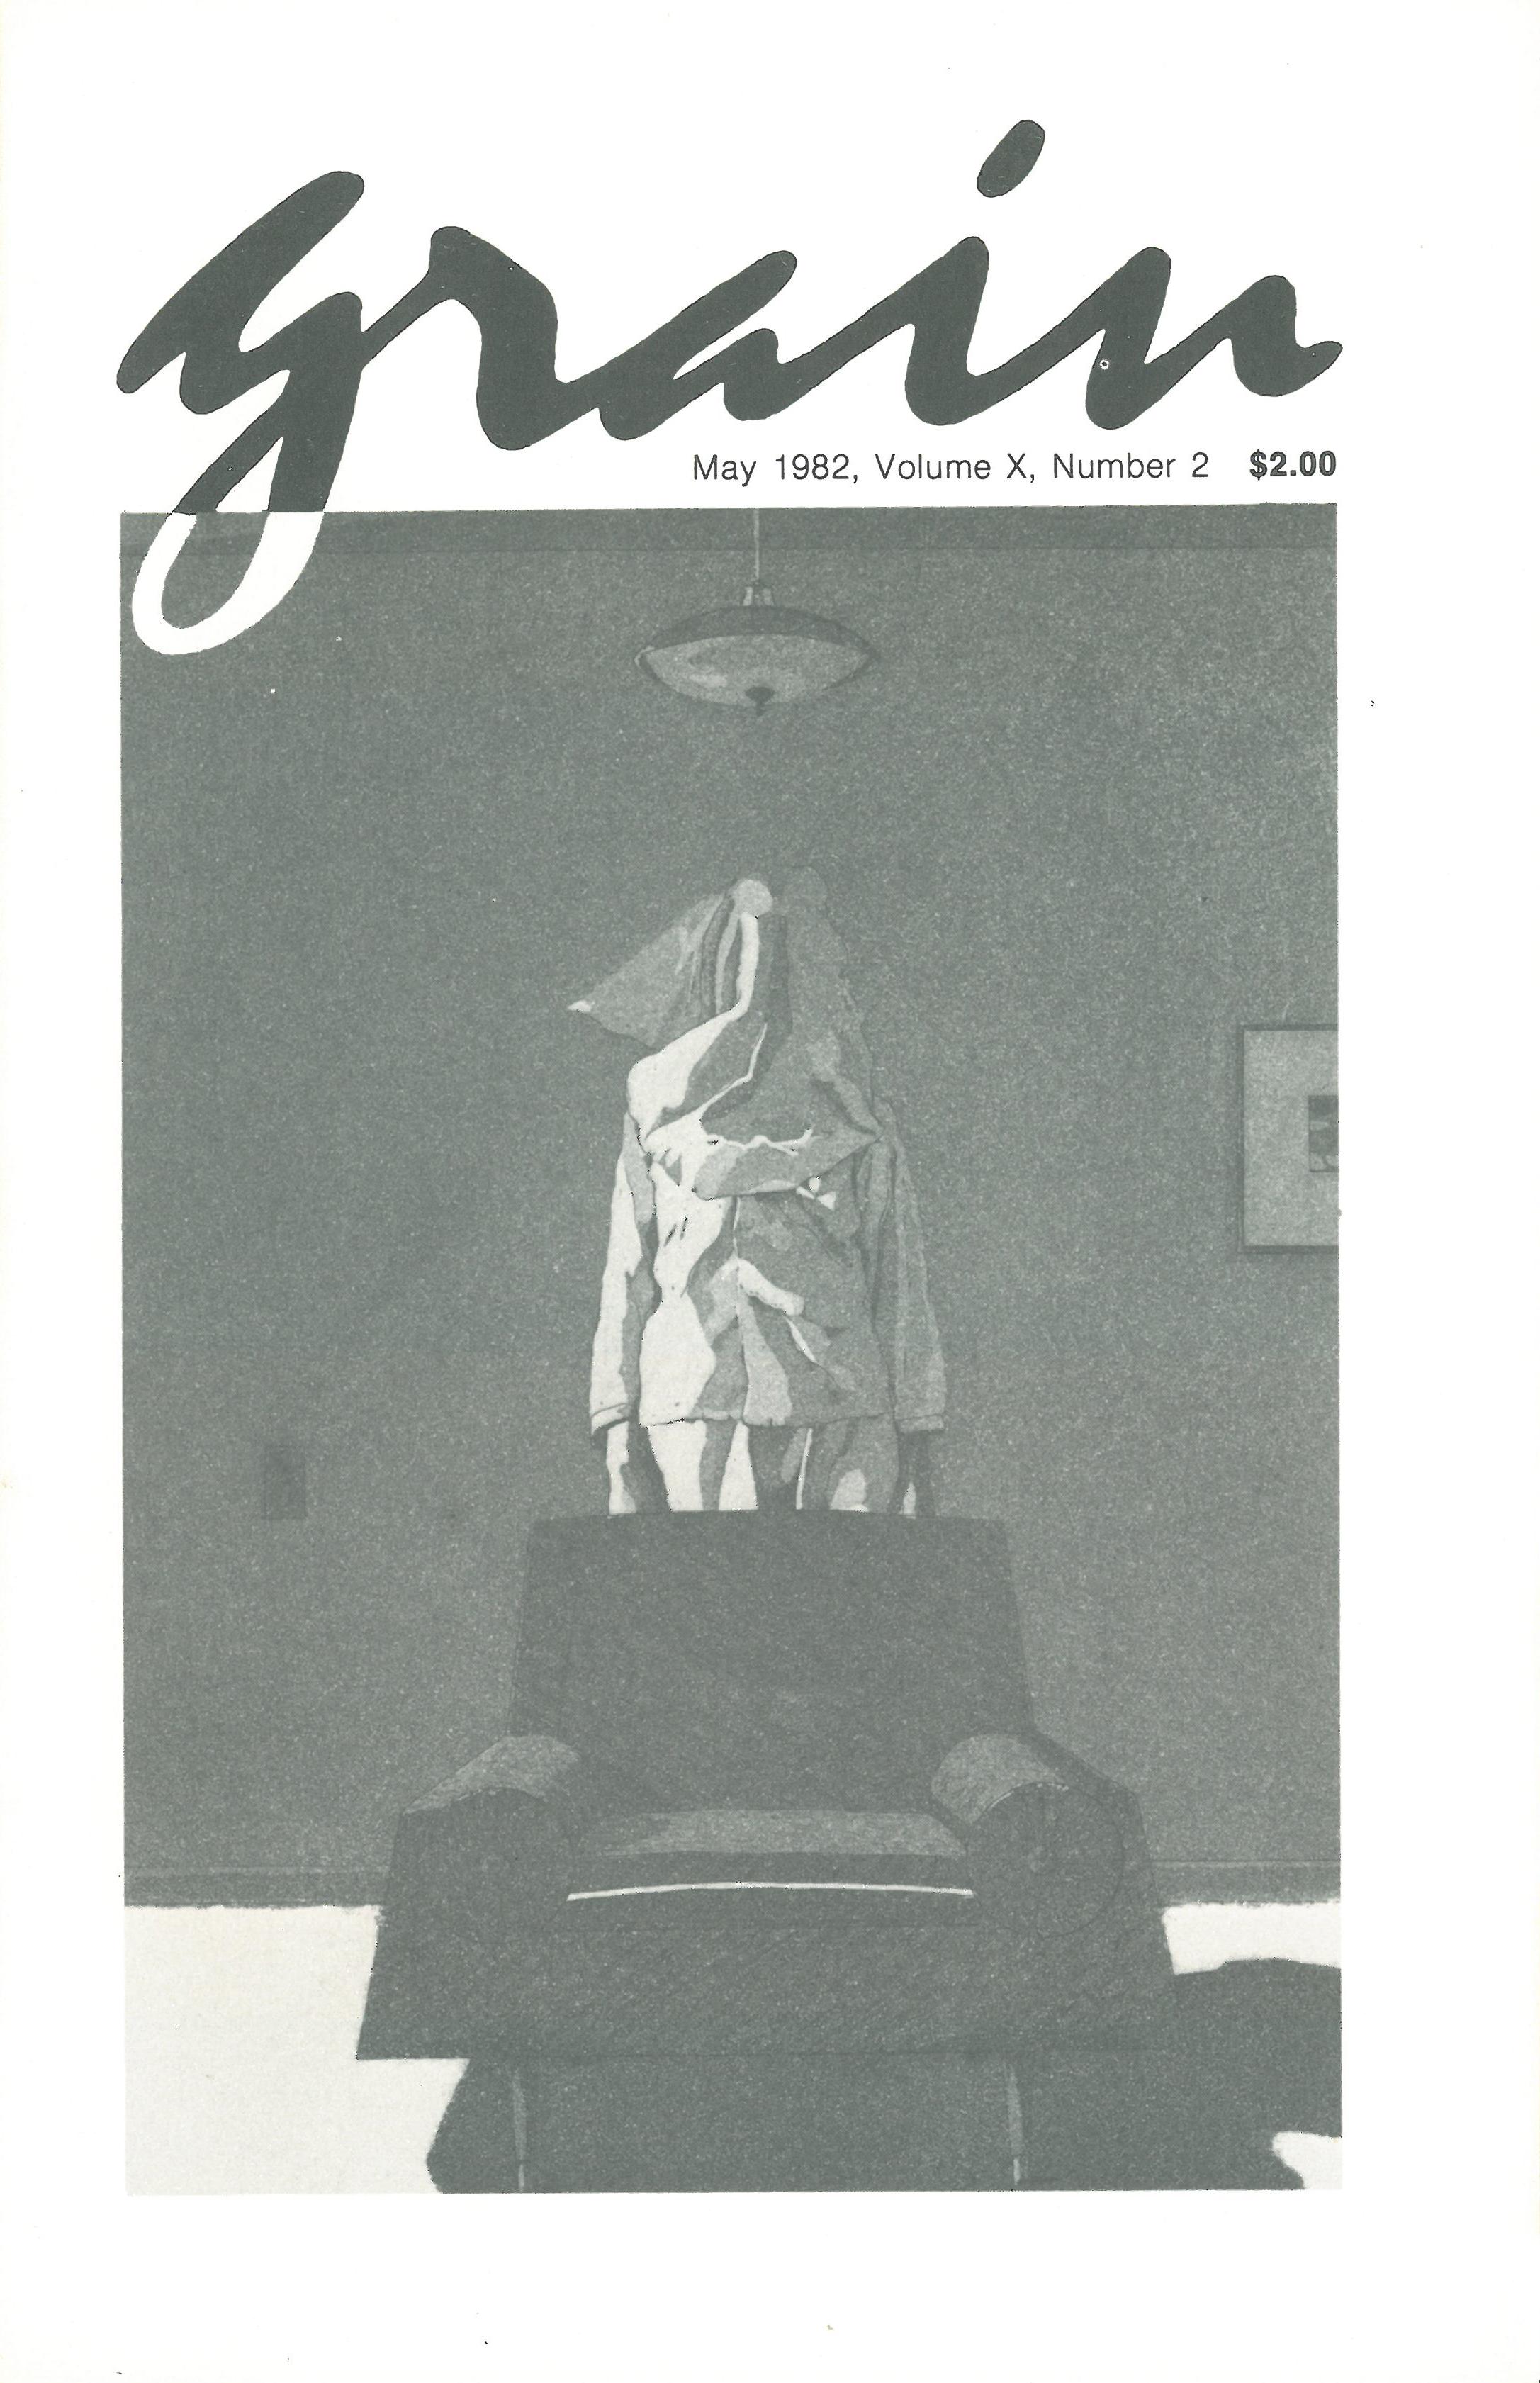 10.2 May 1982